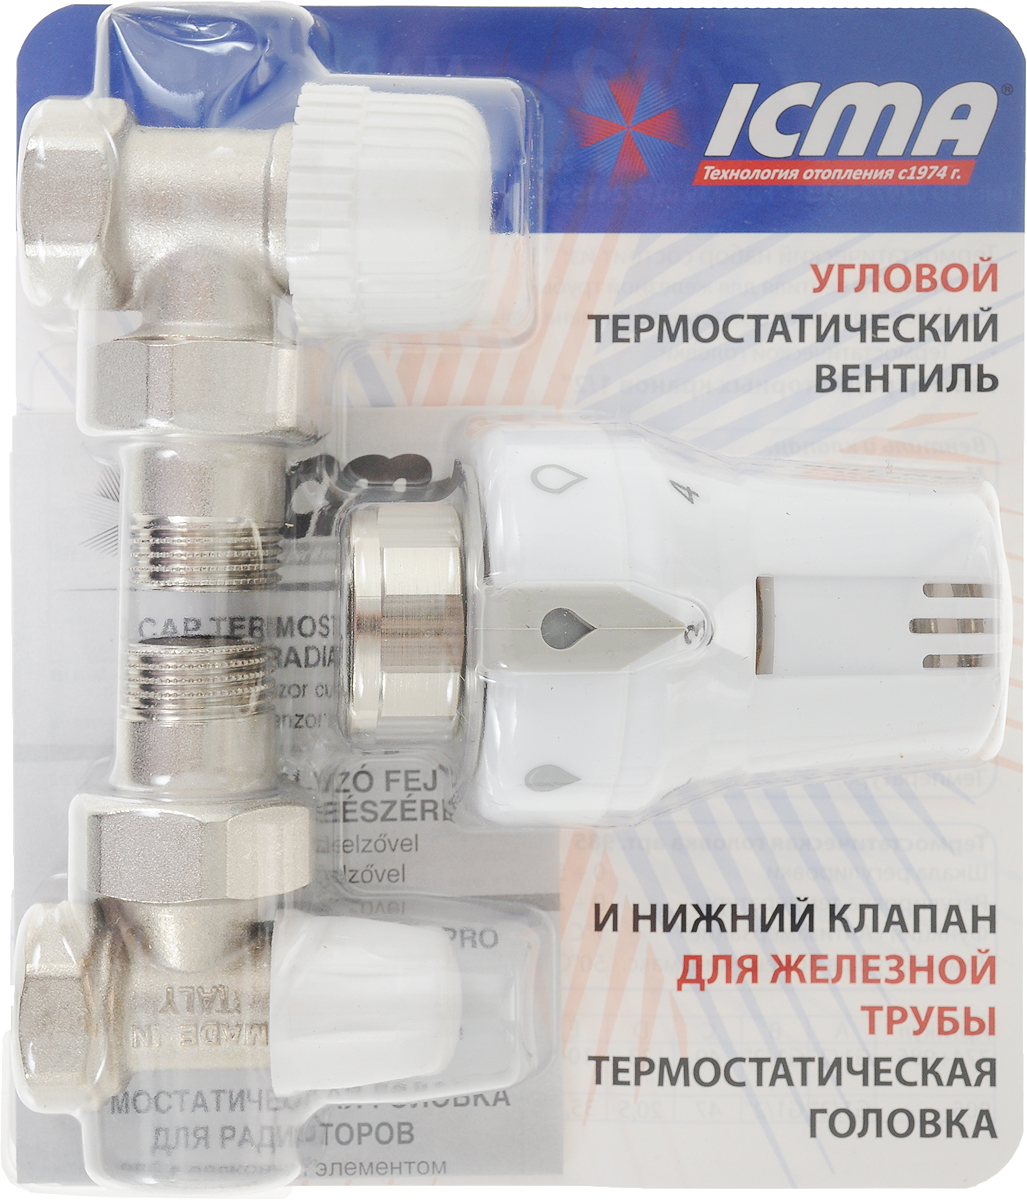 """Комплект термостатический на радиатор """"ICMA"""" состоит из углового вентиля  для железной трубы, углового нижнего запорного клапана для железной трубы,  термостатической головки. Размер радиаторных кранов 1/2"""". Корпус изделий  выполнен из латуни, шток запорного механизма изготовлен из нержавеющей  стали, ручка выполнена из белого ABS пластика.  Комплект предназначен для регулирования теплового режима отопительного  прибора путем изменения количества теплоносителя от нуля до величины,  которая определена вентилем. Такой принцип позволяет производить плавную  регулировку и снижать шумы, возникающие в системе отопления при движении  теплоносителя.  Благодаря такому комплекту стало возможным автоматическое поддержание  заданной комнатной температуры, что обеспечивает комфортные условия  проживания и существенную экономию расхода топлива.  Вентиль и клапан: Дифференциальное давление: 1 bar.  Рабочее давление: 10 bar.  Температура: 90°С. Термостатическая головка: Шкала регулировки: 0-5.  Регулировка температуры: 0-28°С. Функция """"Антизамерзание"""": 7°С. Температура в помещении: 50°С."""